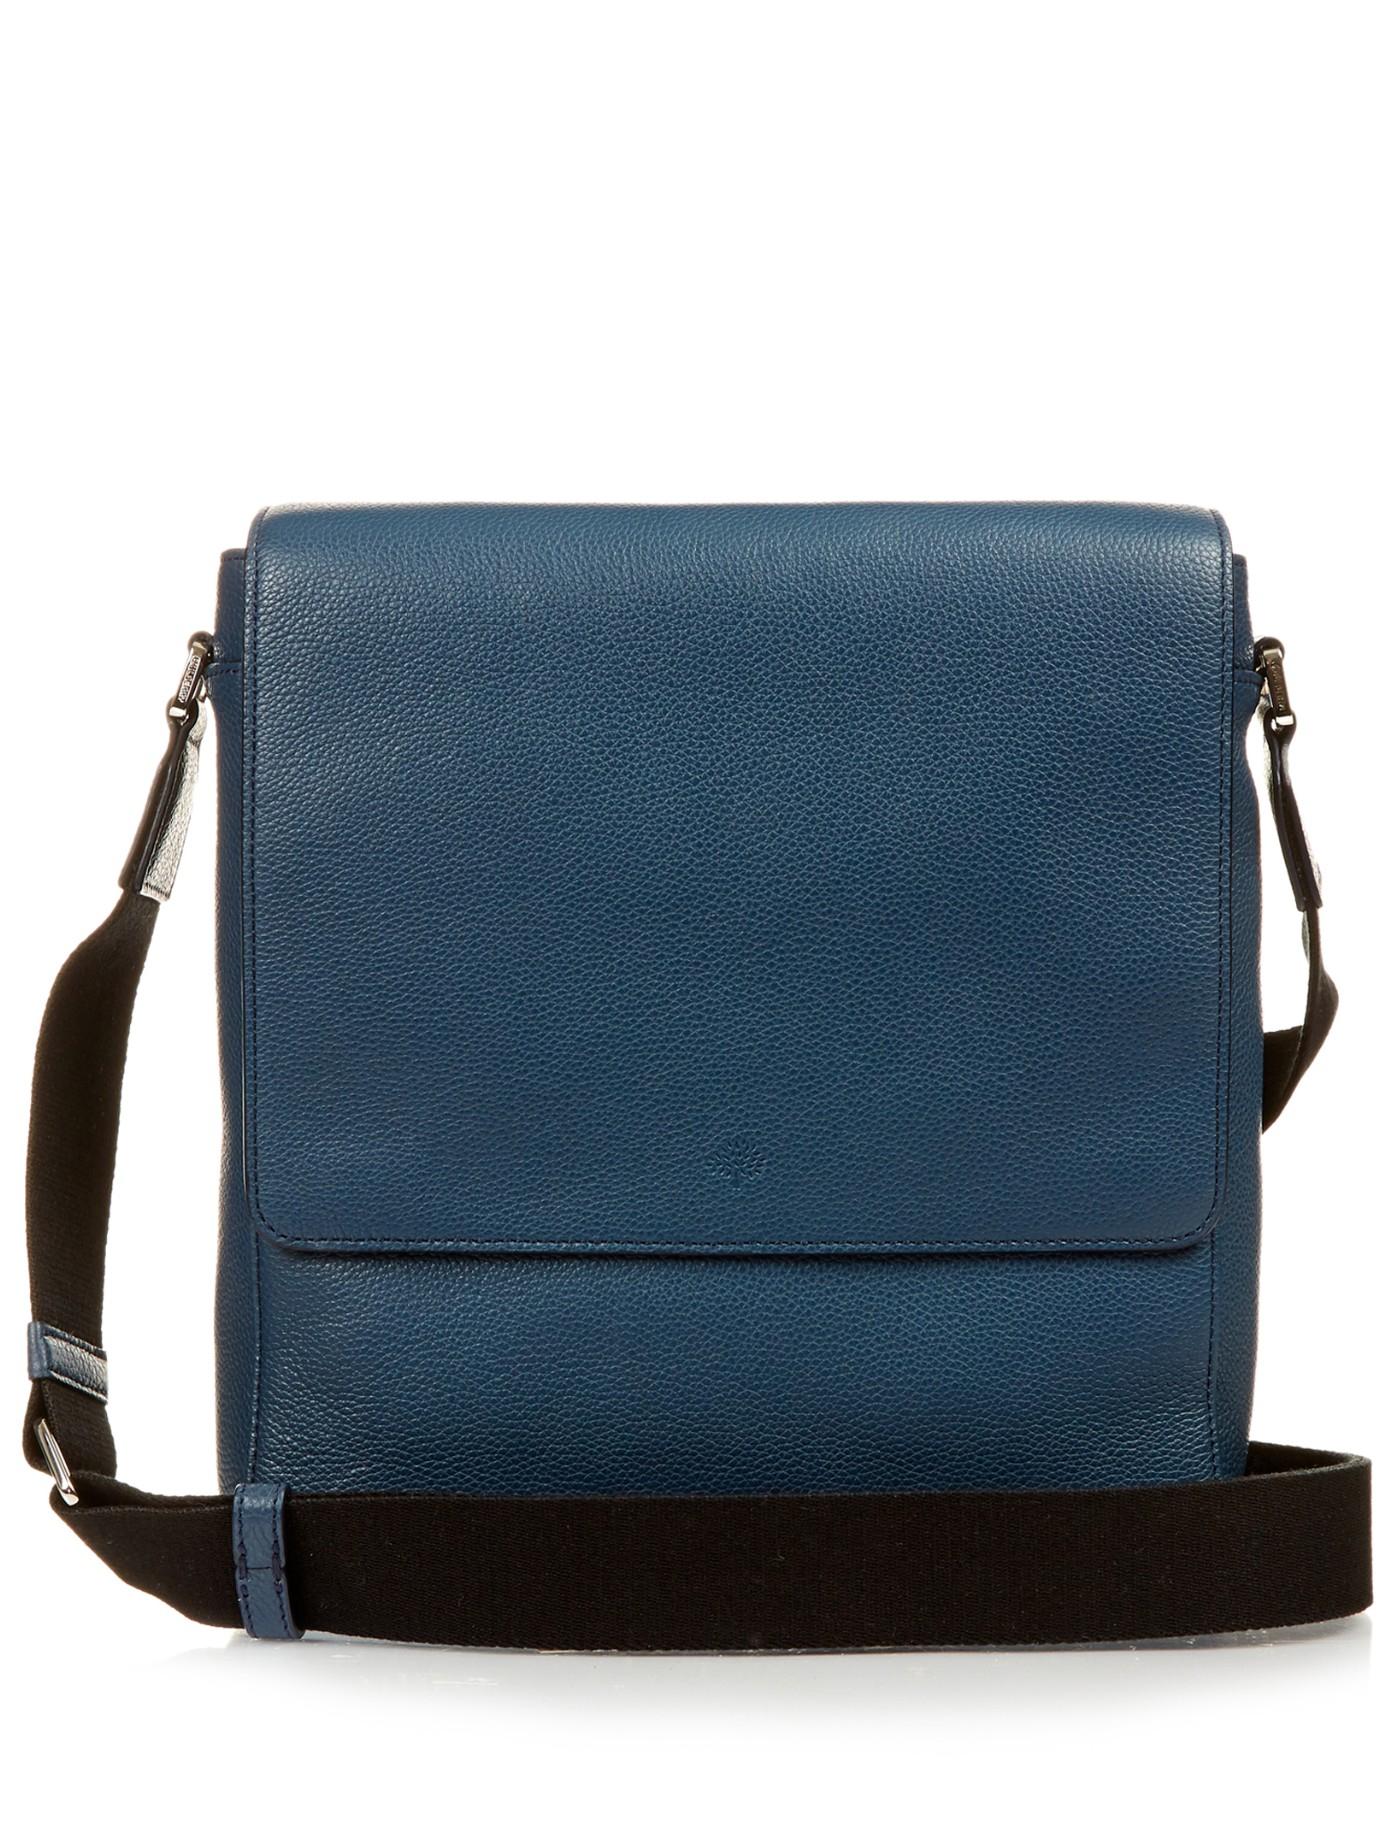 4270b7bafc usa mulberry messenger cross body bag holder 0f170 2feaa